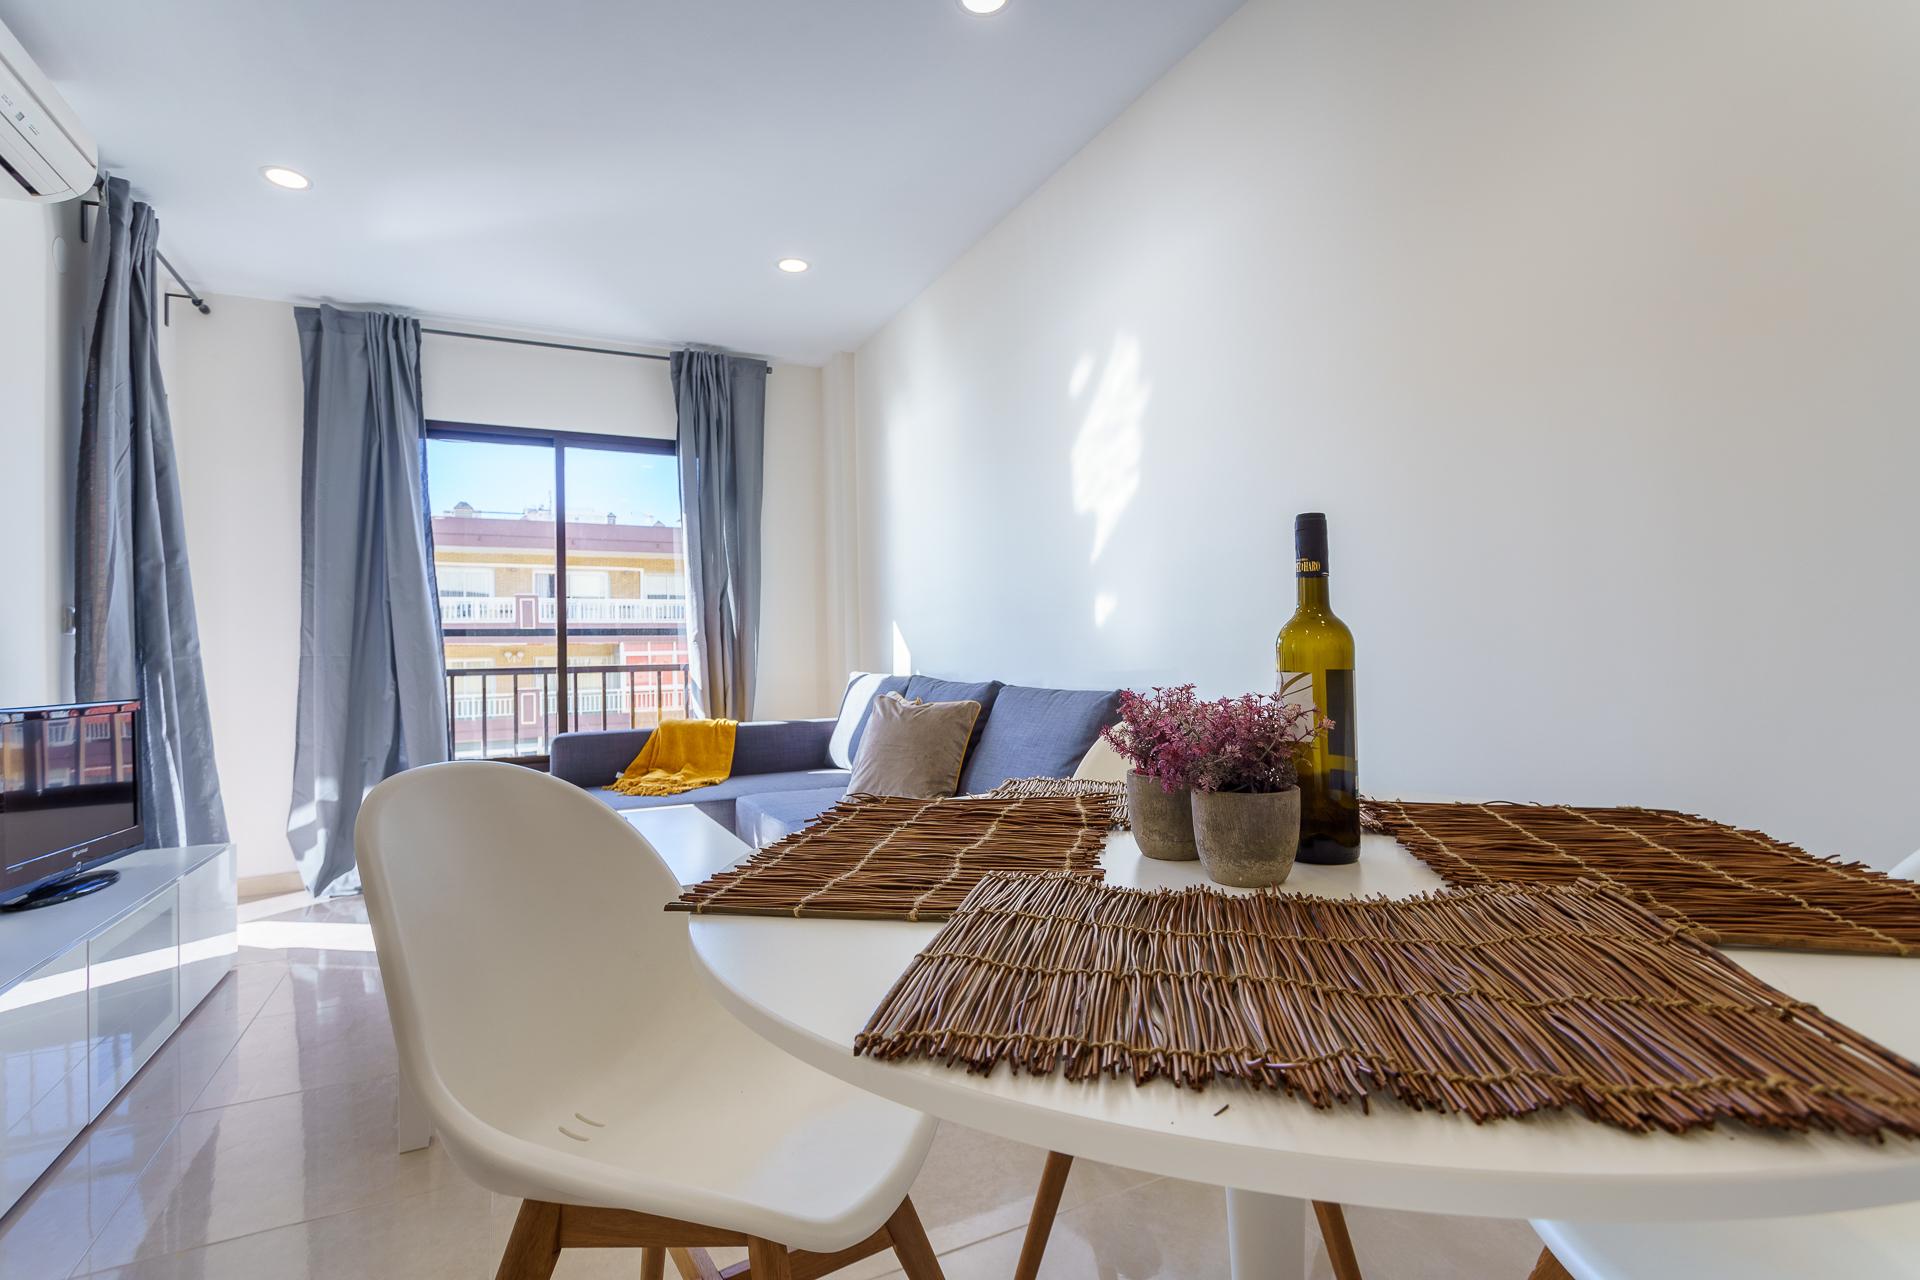 MalagaSuite Cozy Apartment in Fuengirola photo 20507064